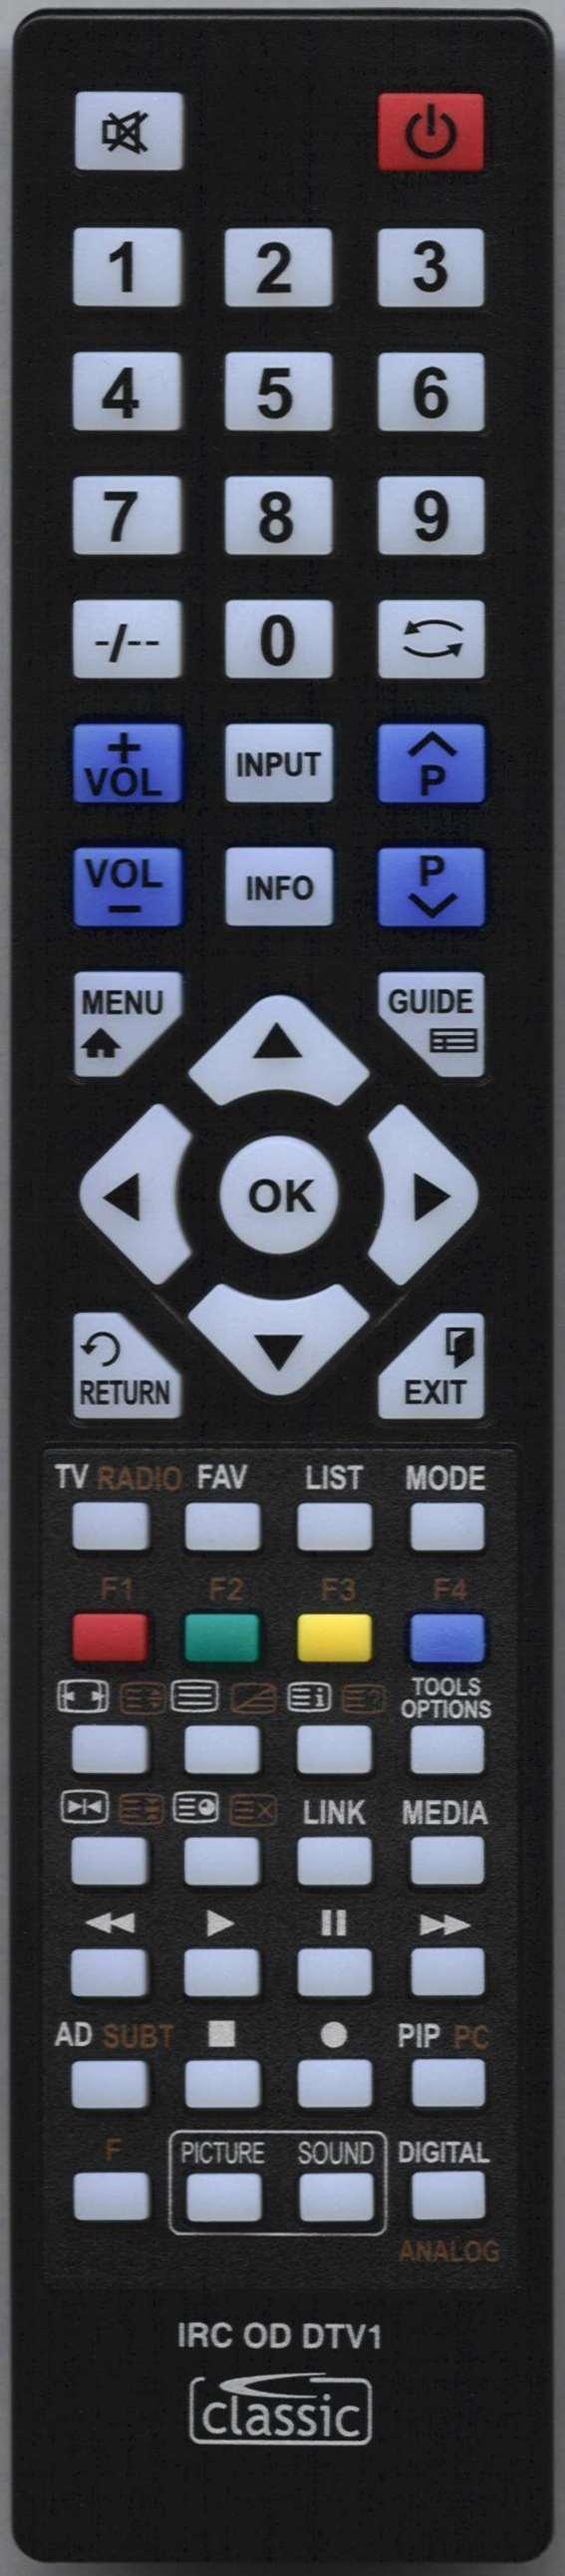 WHARFEDALE L22T11WA Remote Control